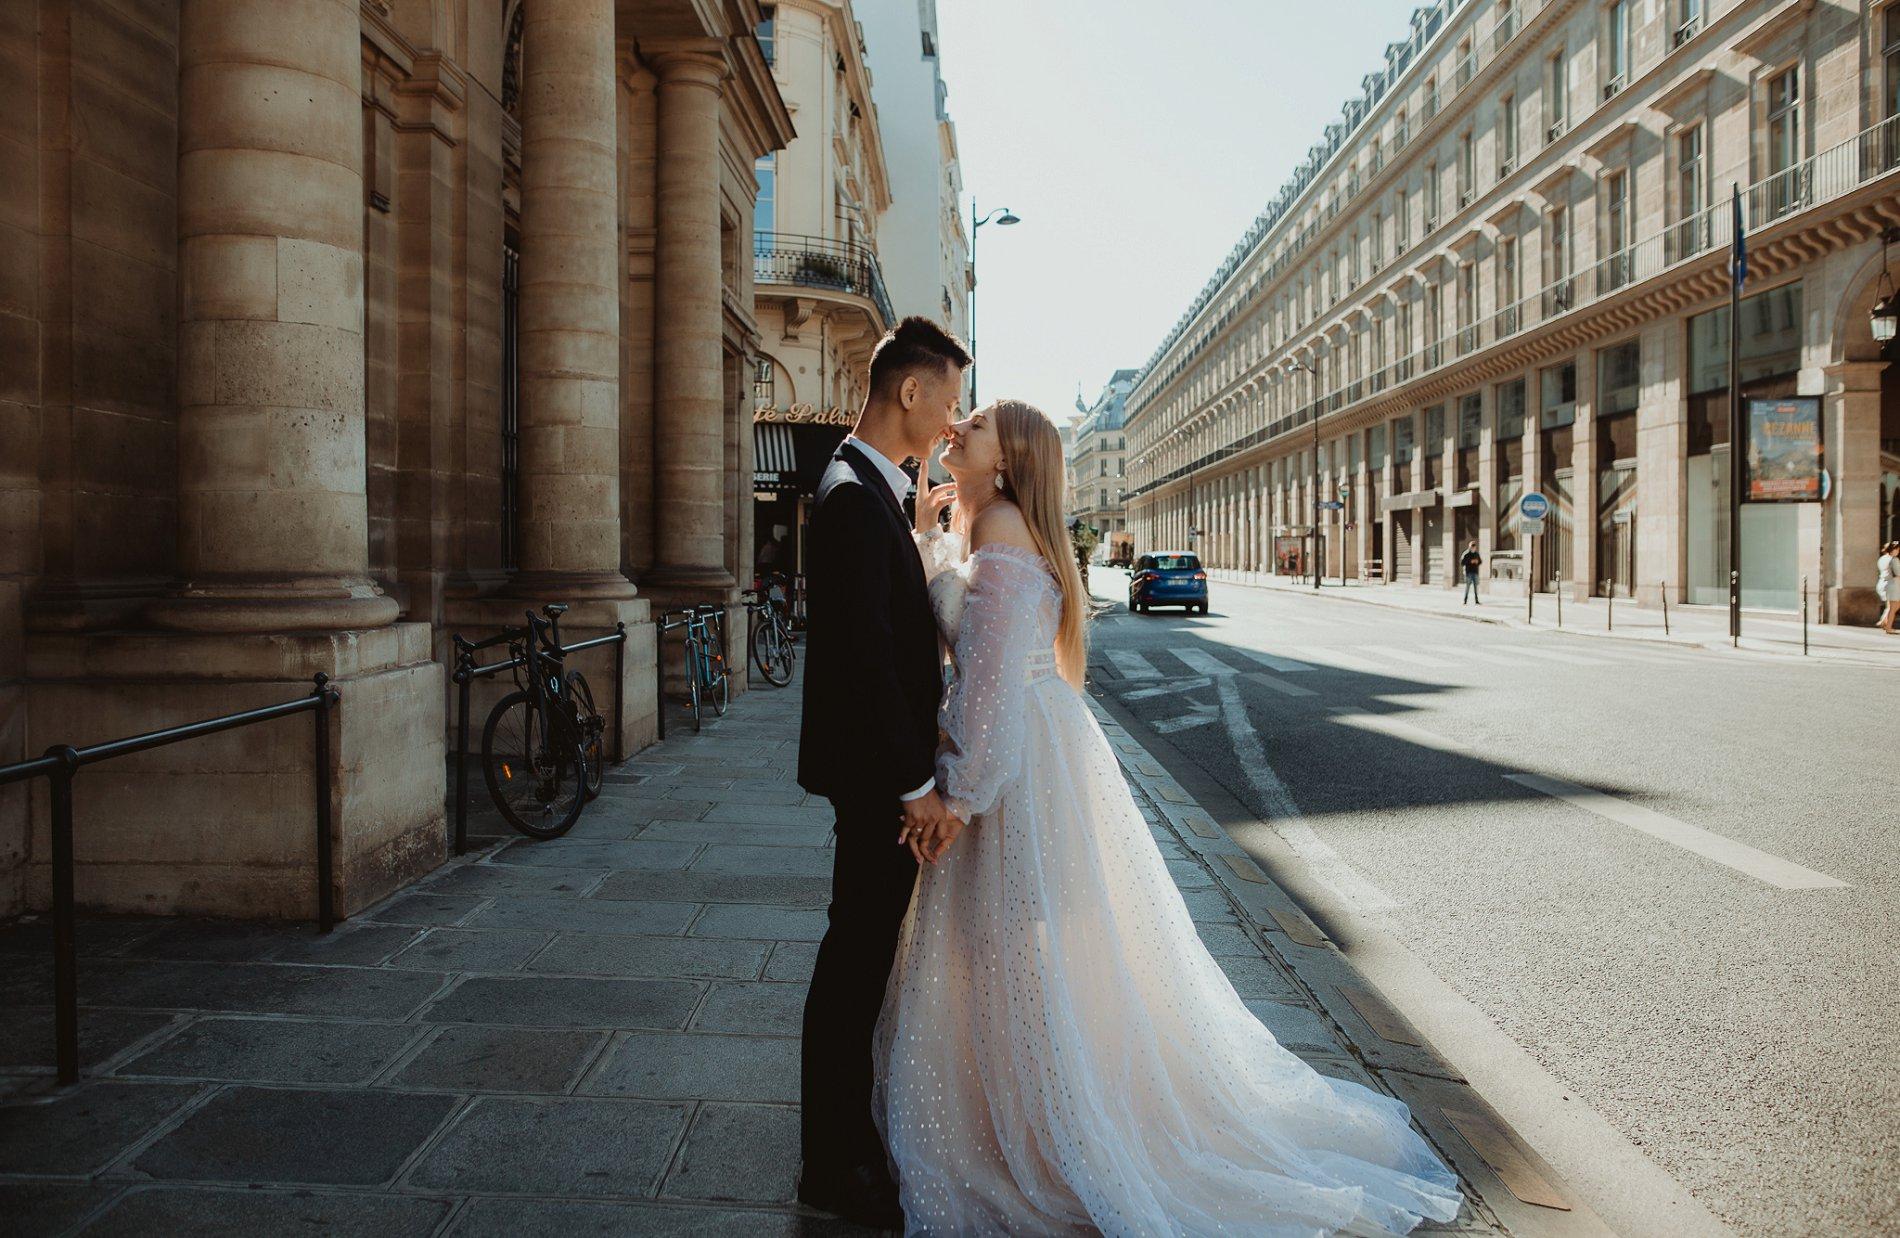 Miss He Bridal Romantic Paris Elopement (c) Xanthe Rowland Photography (22)